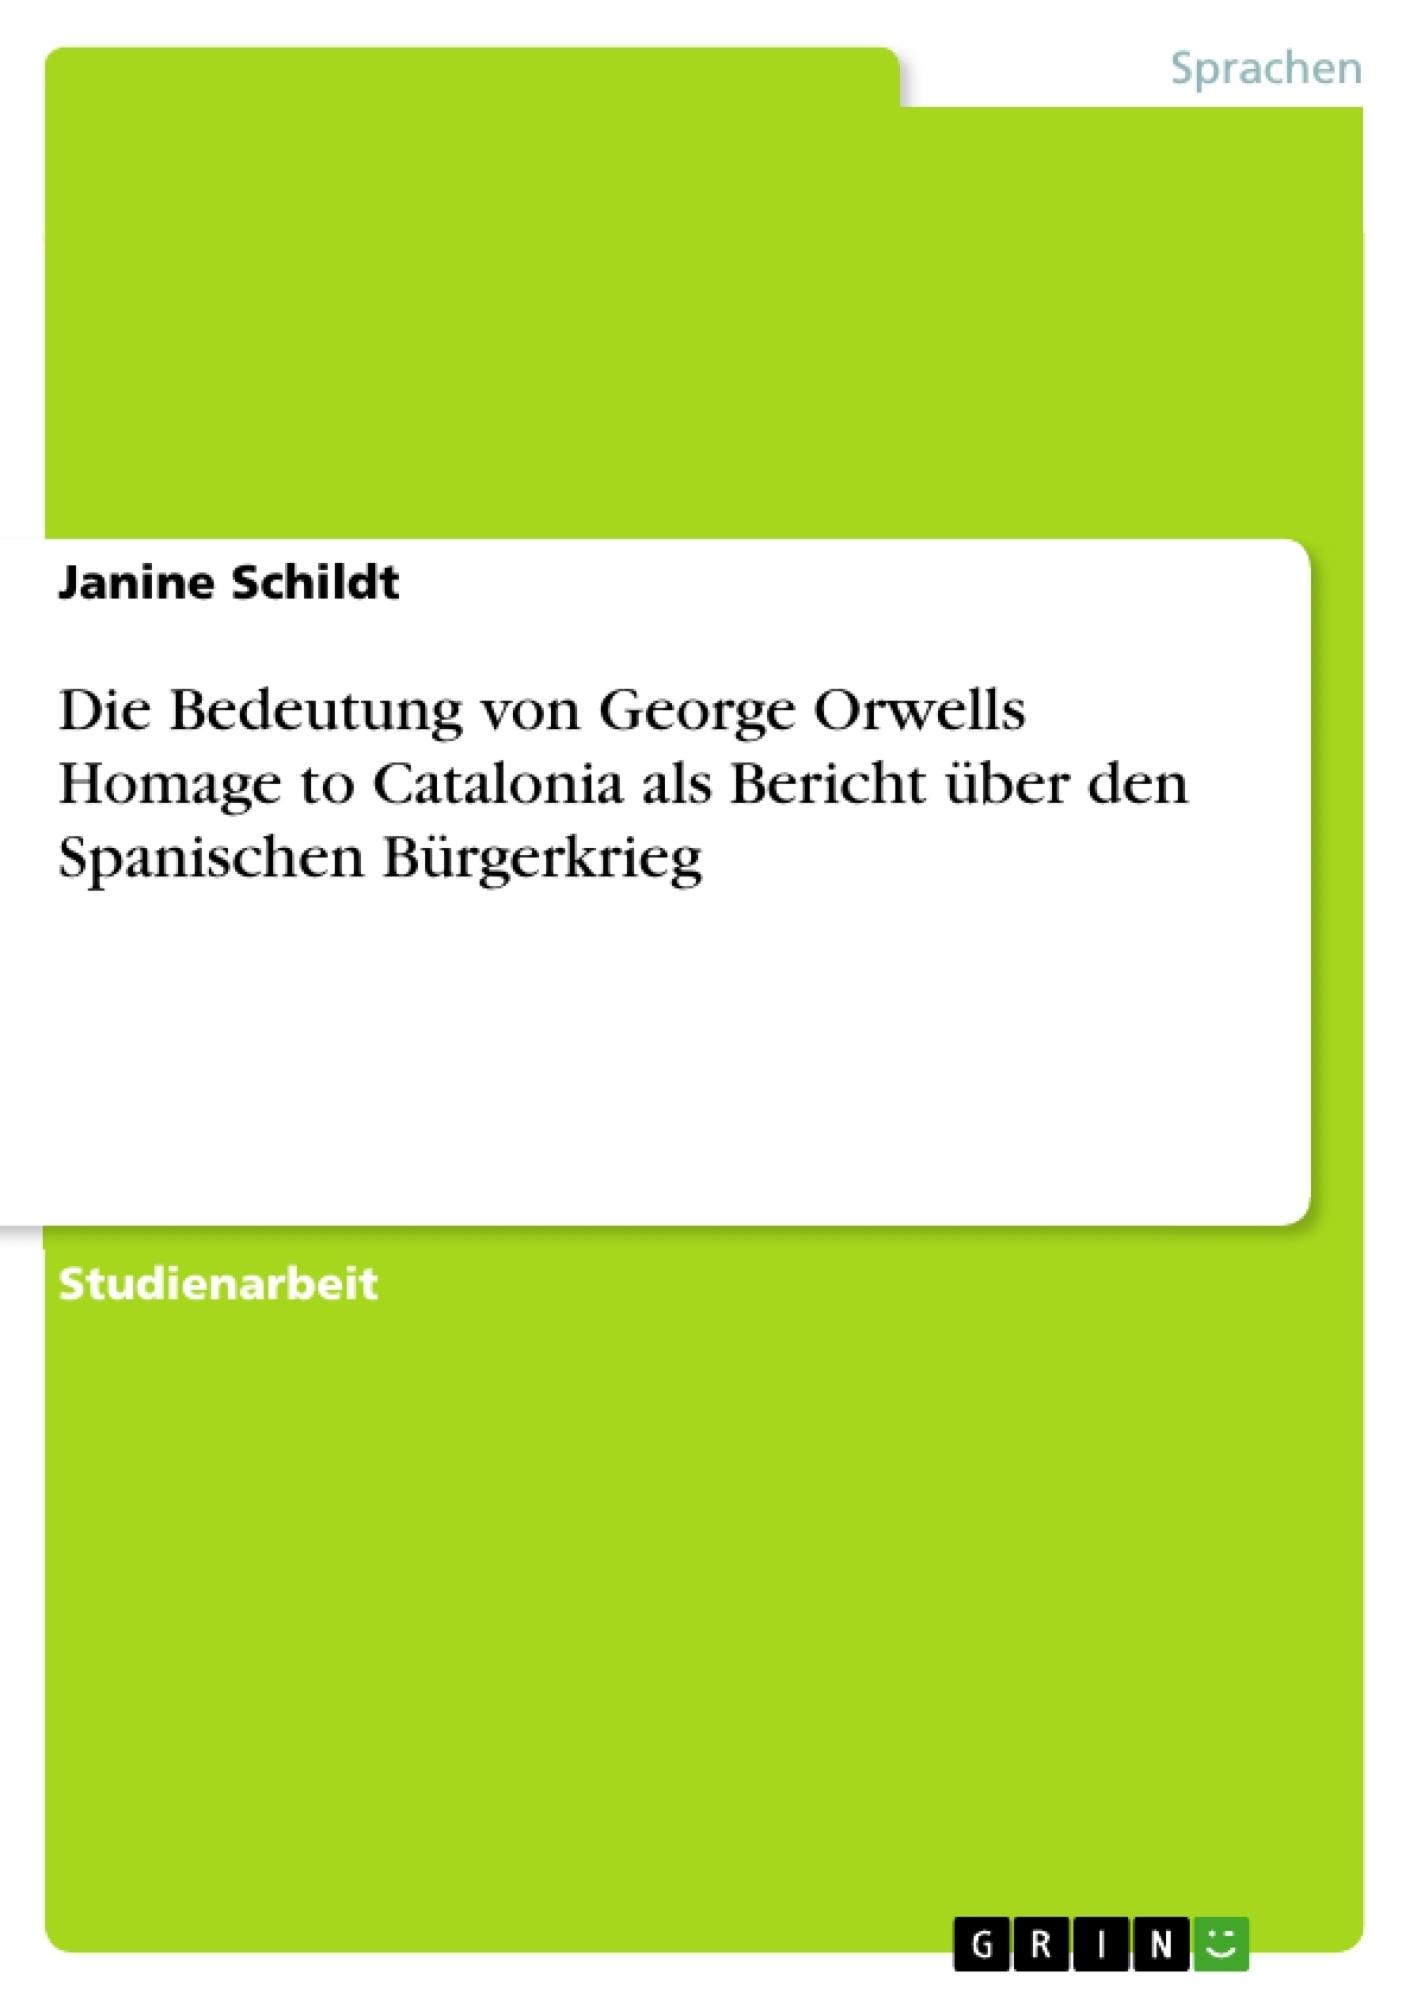 Titel: Die Bedeutung von George Orwells Homage to Catalonia als Bericht über den Spanischen Bürgerkrieg